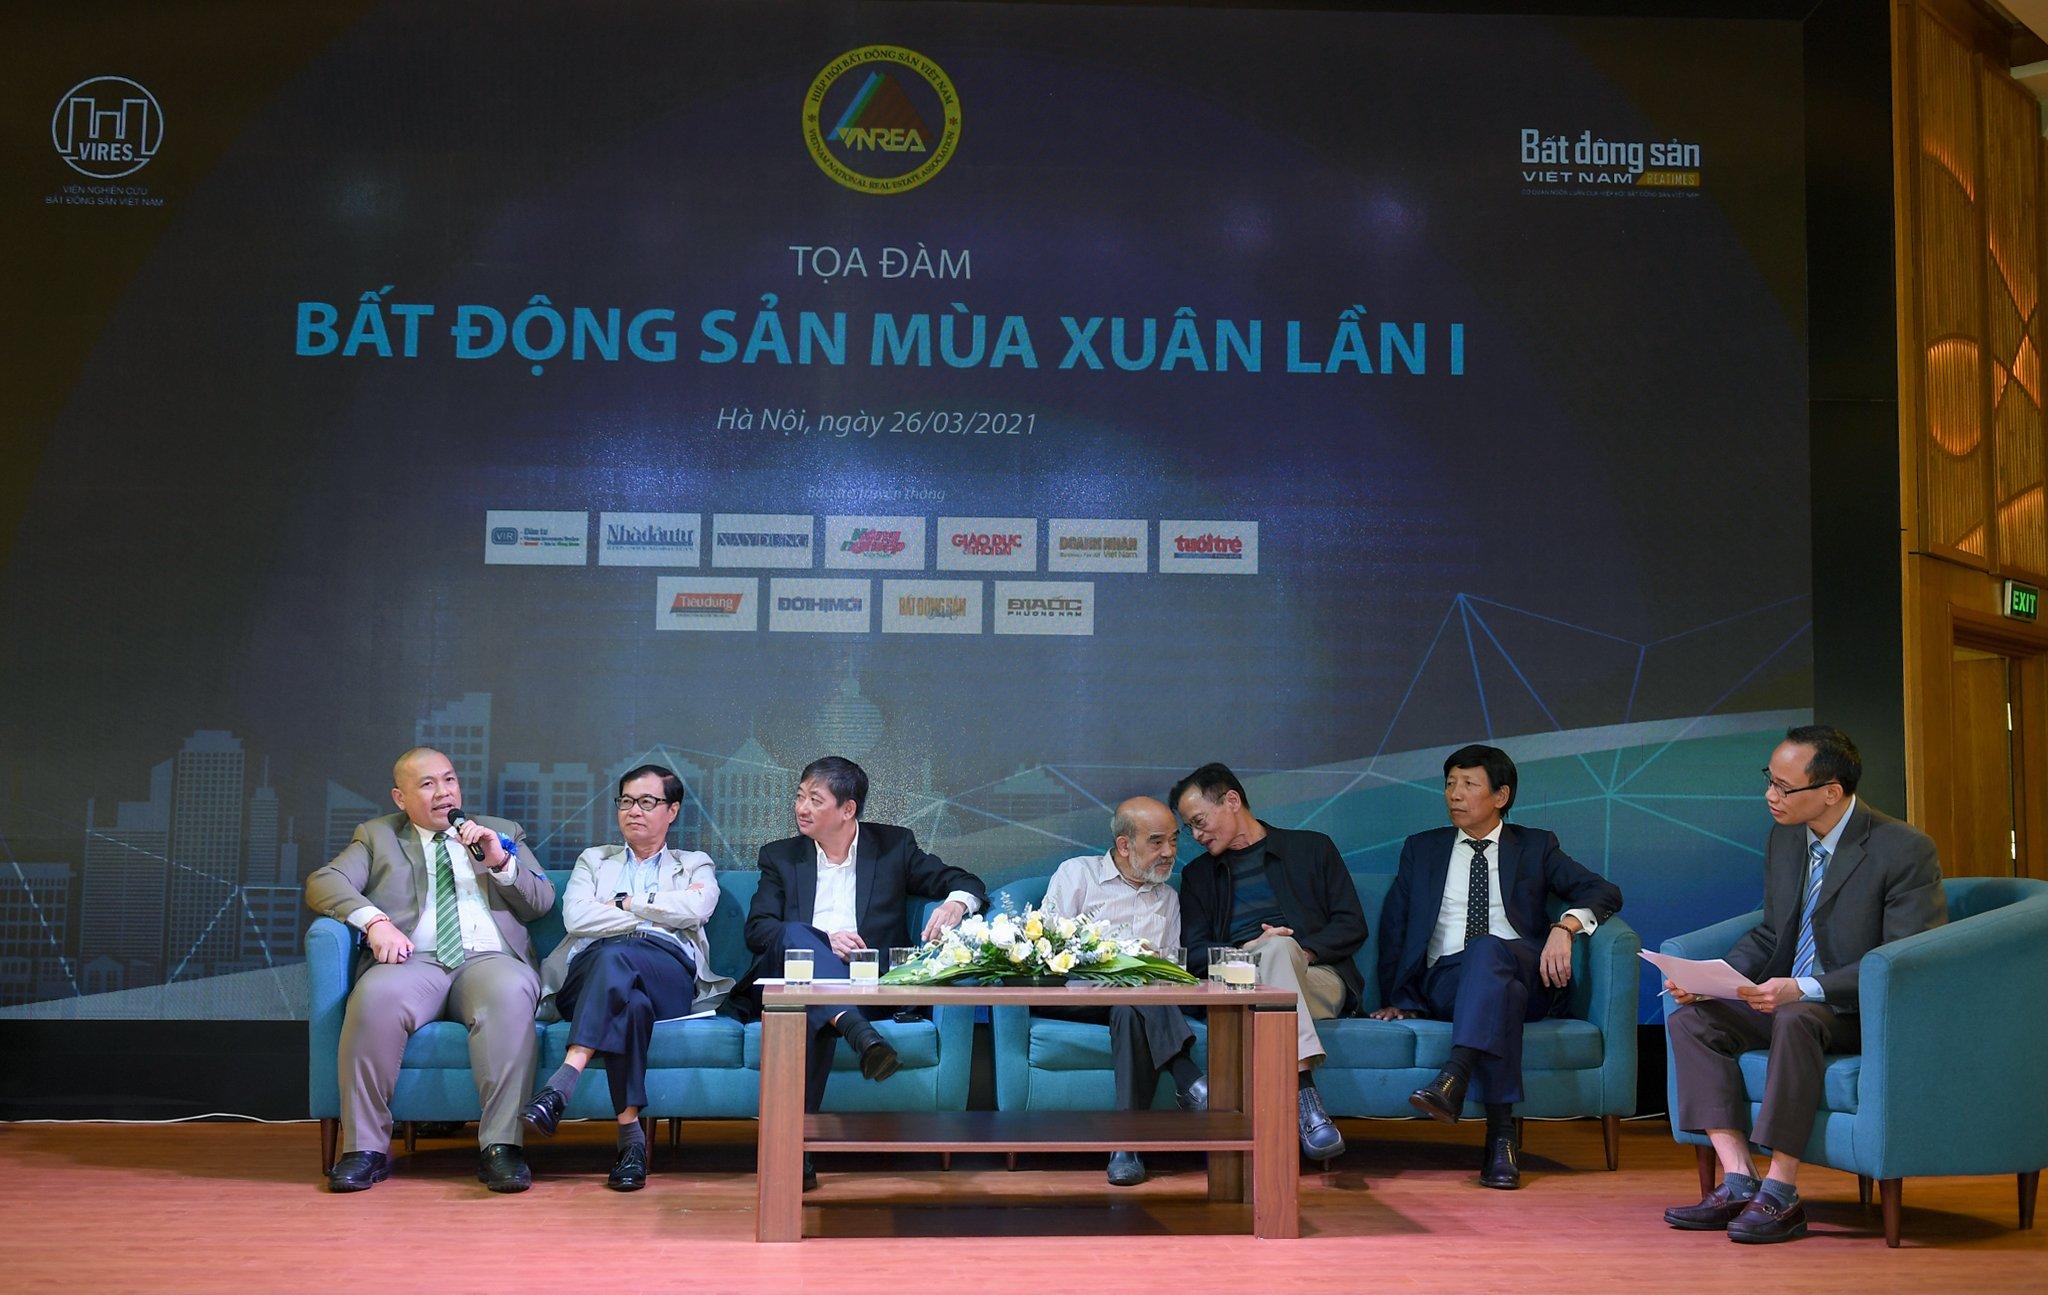 Hưng Thịnh Land khẳng định vị thế trong Top 10 nhà phát triển BĐS hàng đầu Việt Nam  - Ảnh 4